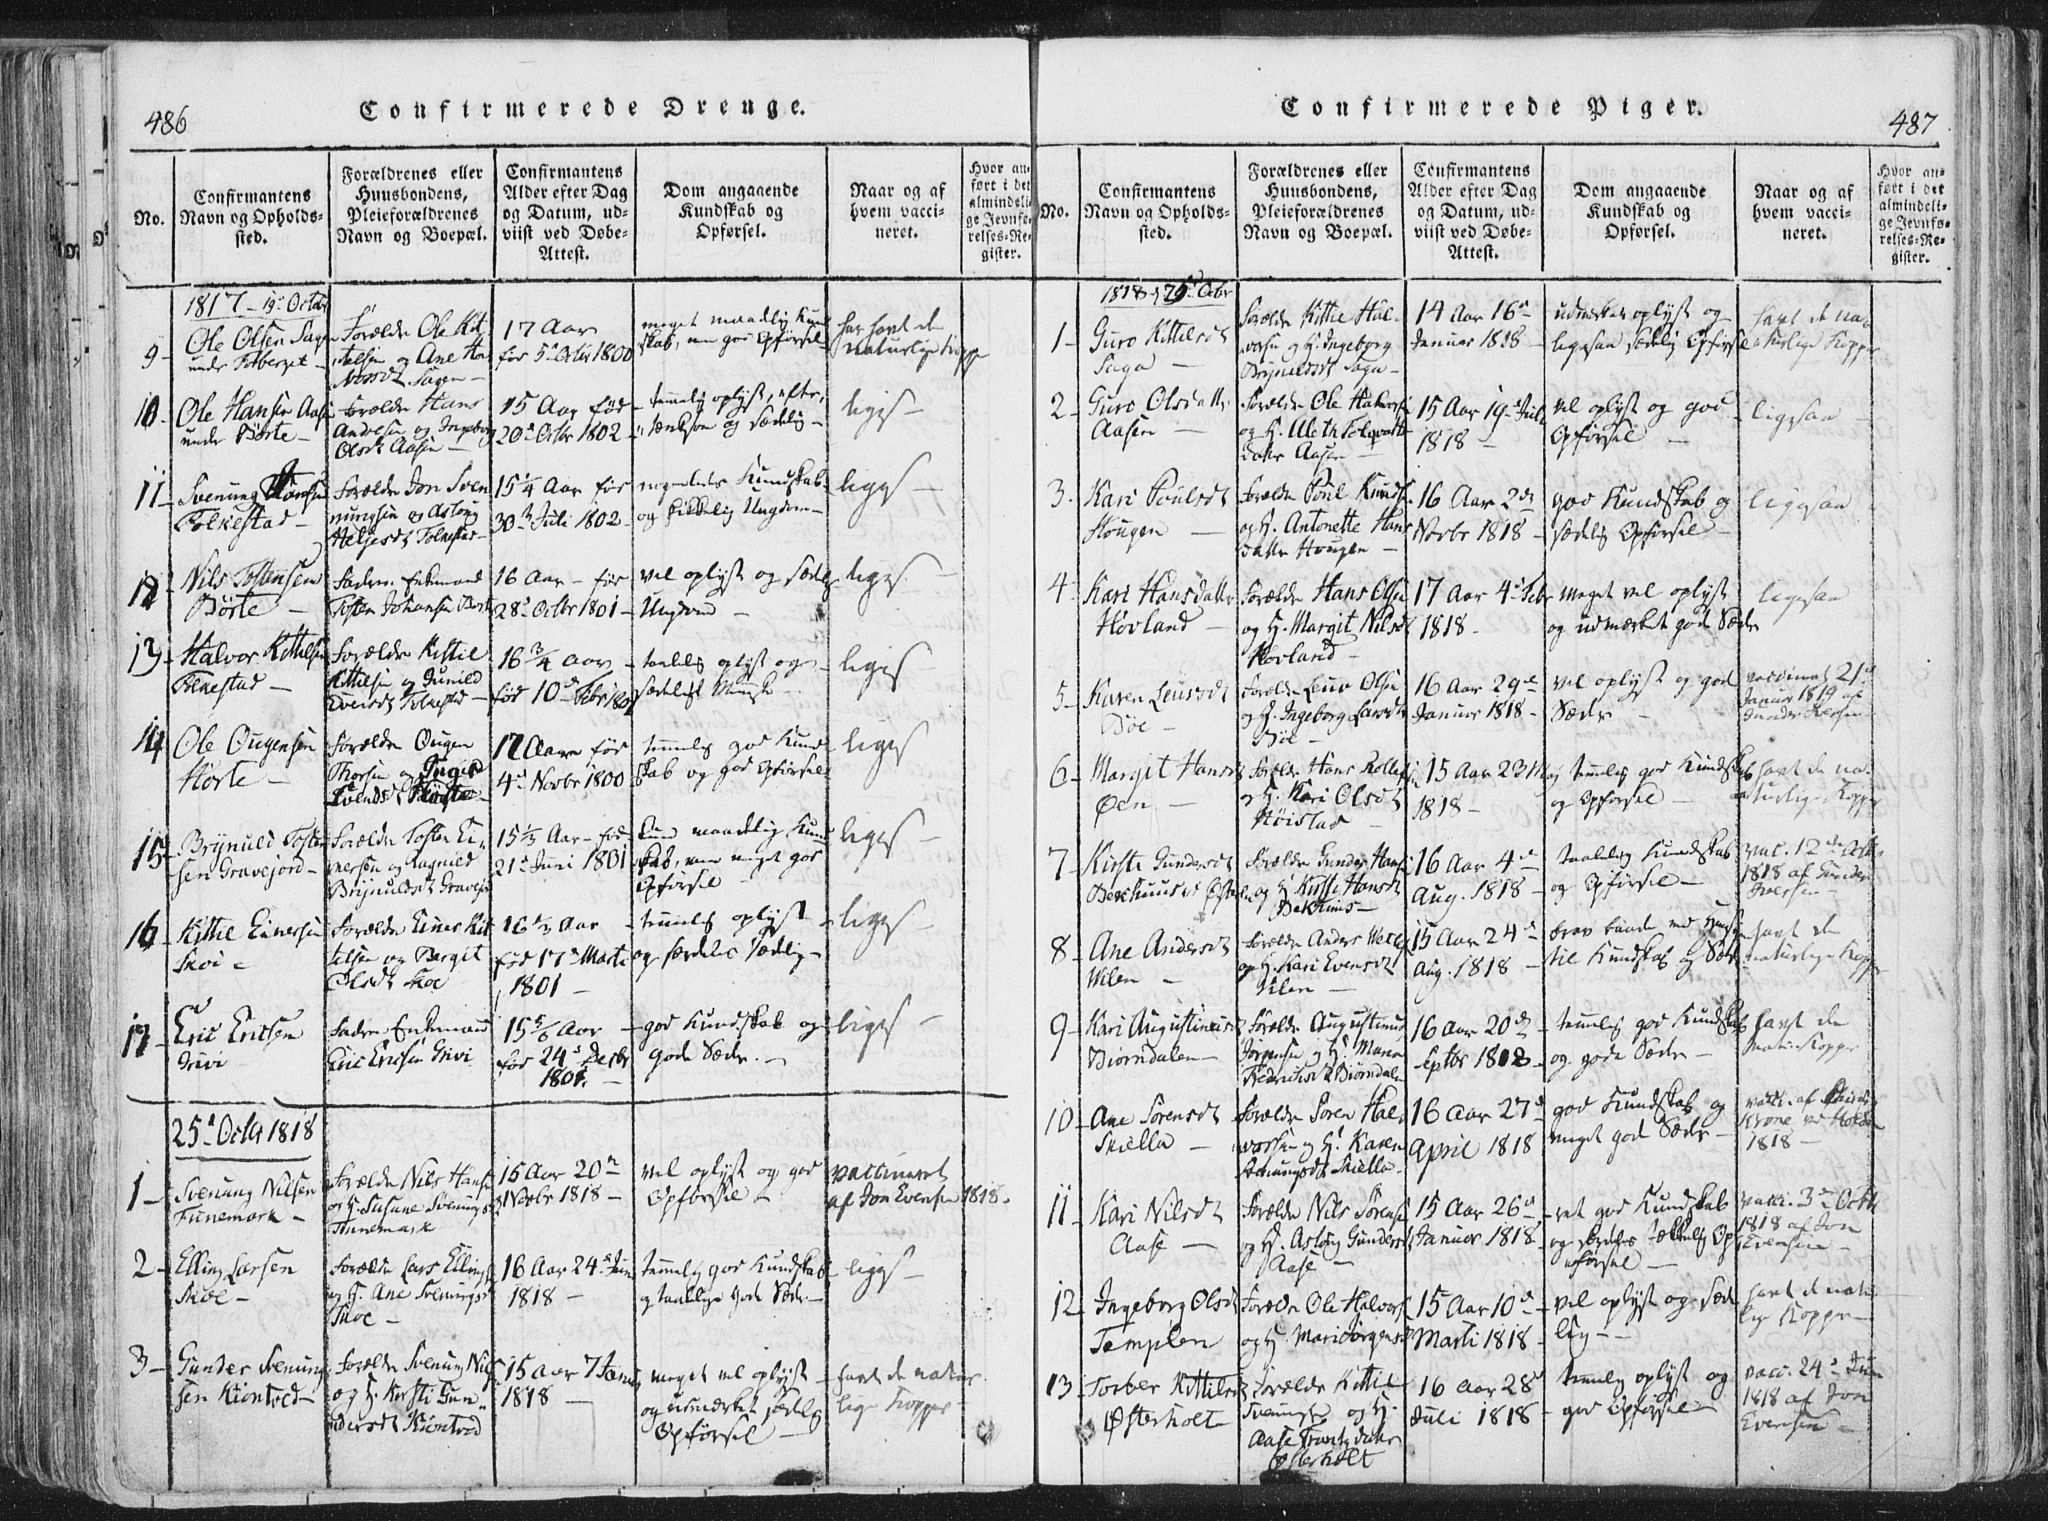 SAKO, Bø kirkebøker, F/Fa/L0006: Ministerialbok nr. 6, 1815-1831, s. 486-487